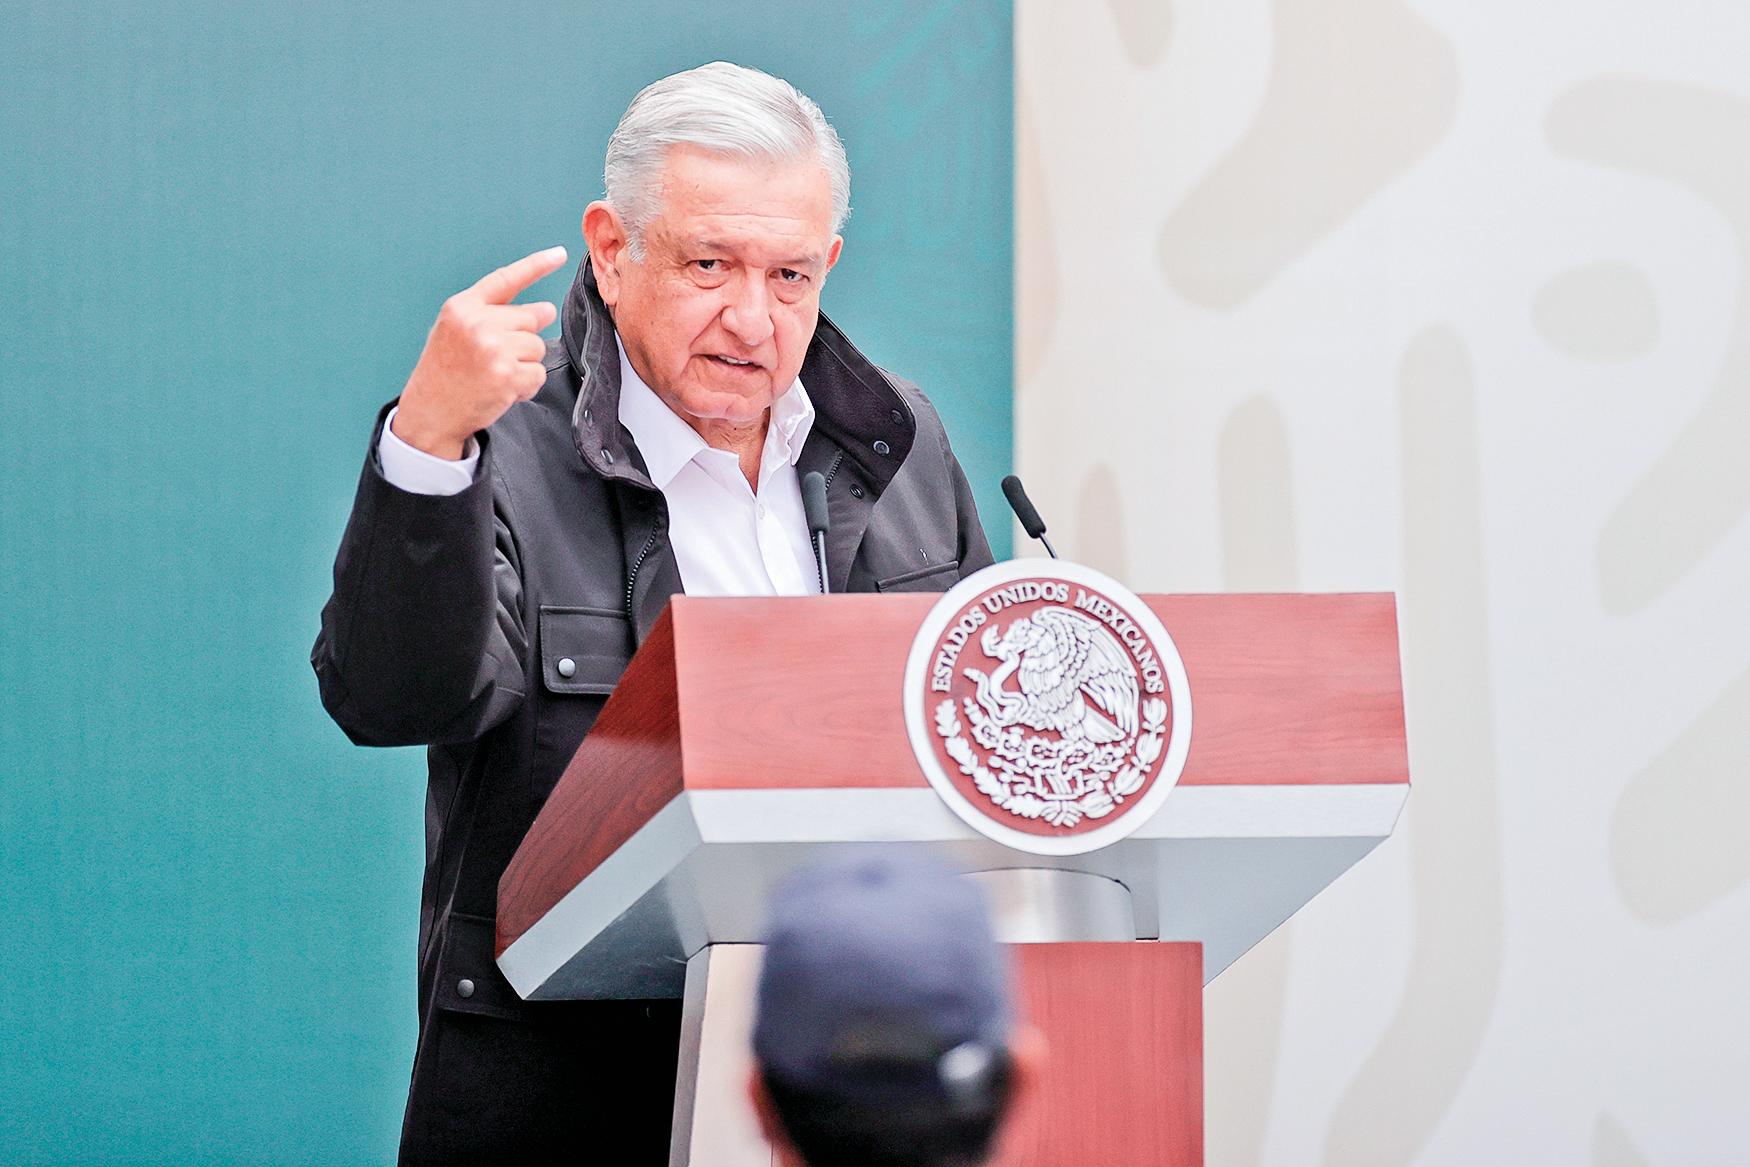 墨西哥總統奧布拉多對科技巨頭的禁言行動進行批評。(Getty Images)